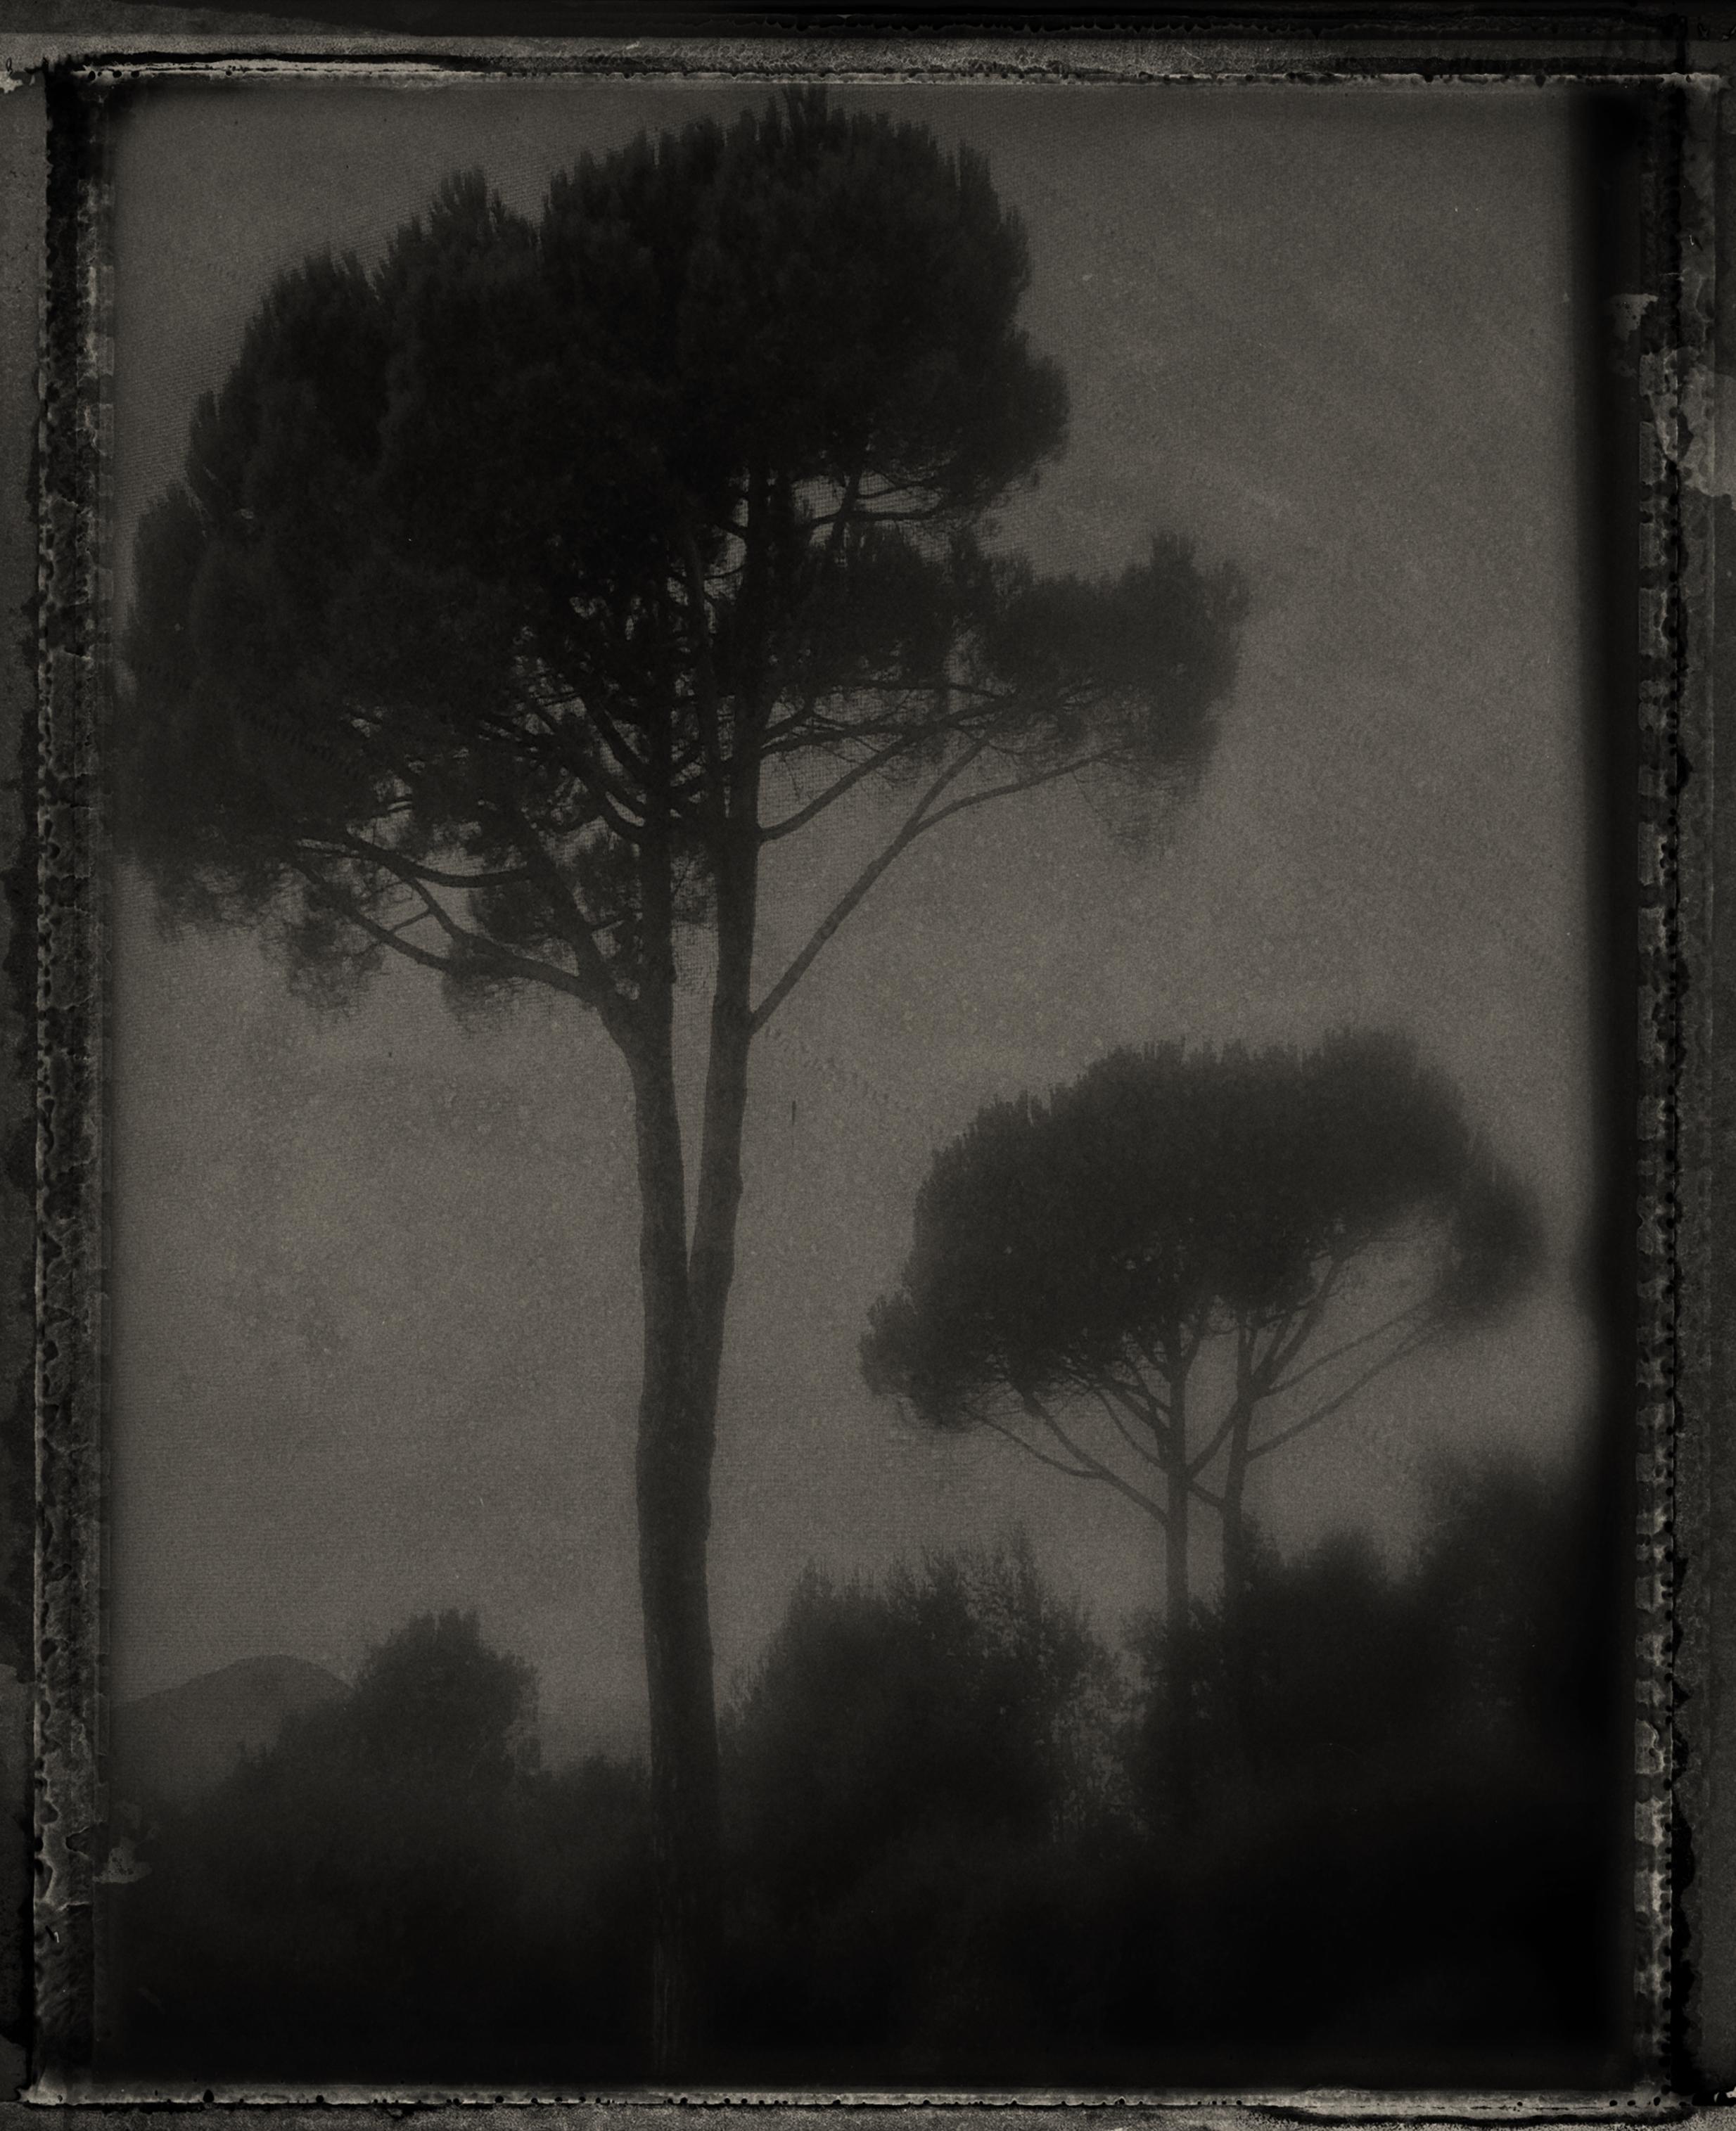 Sarah Moon, Les Pins Parasols